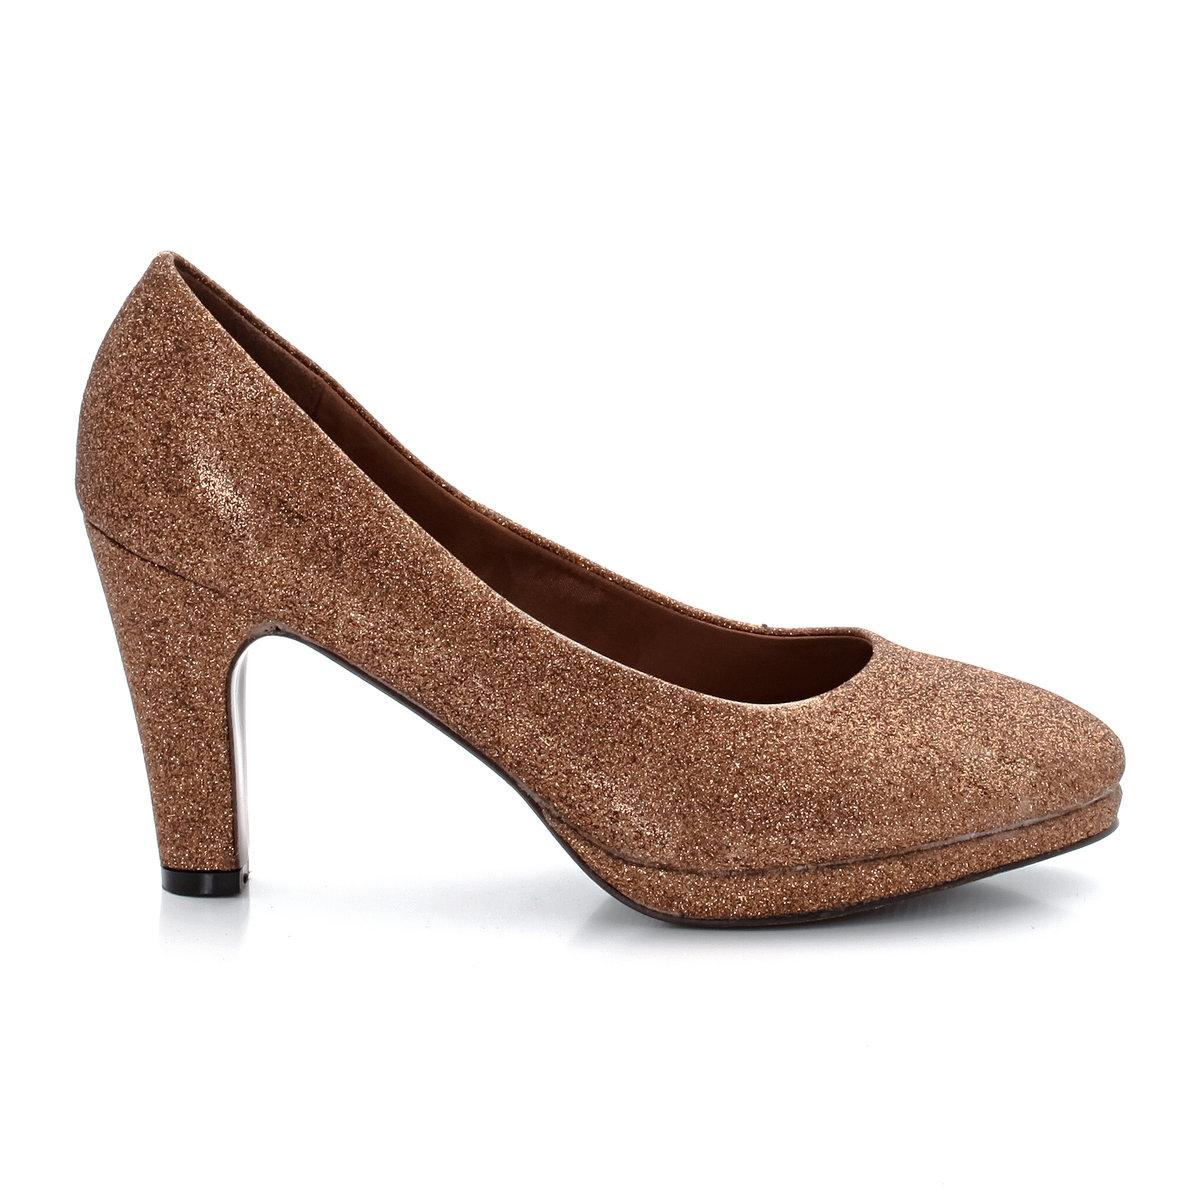 Туфли на каблуке с блесткамиДостоинства: небольшая платформа толщиной 1,5 см в передней части и каблук с покрытием.<br><br>Цвет: бронзовый металлик,черный металлизированный<br>Размер: 39.39